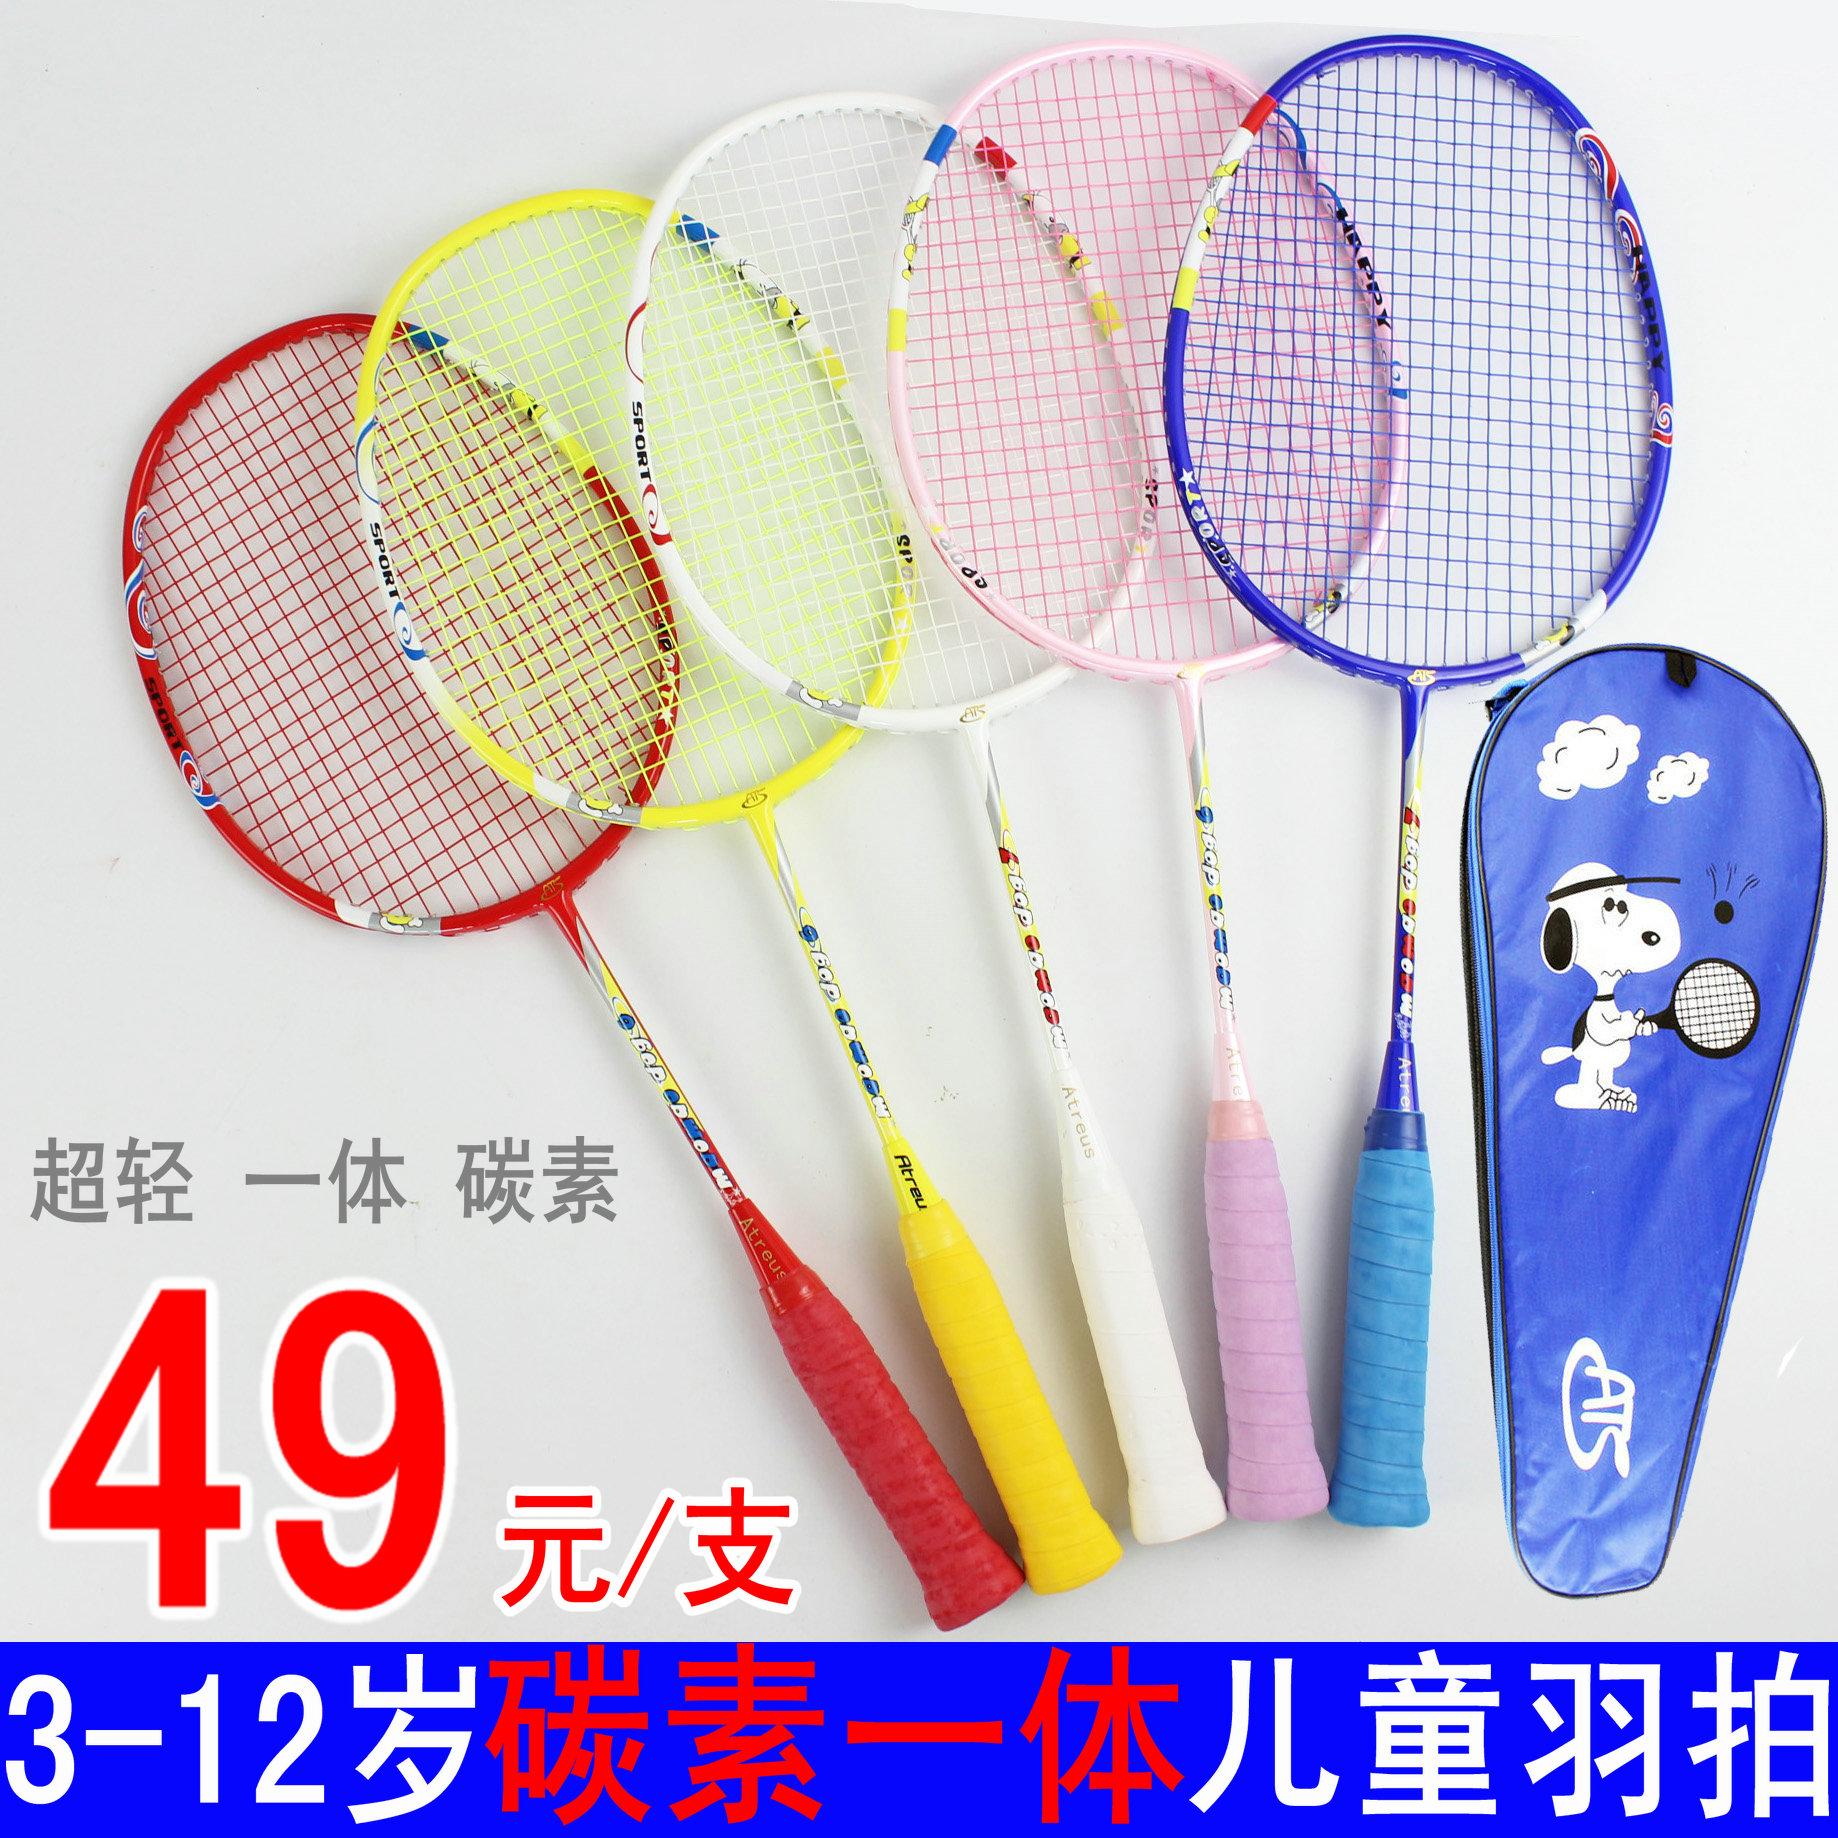 特价ATS碳素超轻专业儿童羽毛球拍正品 3-12岁小学生专用单拍男女